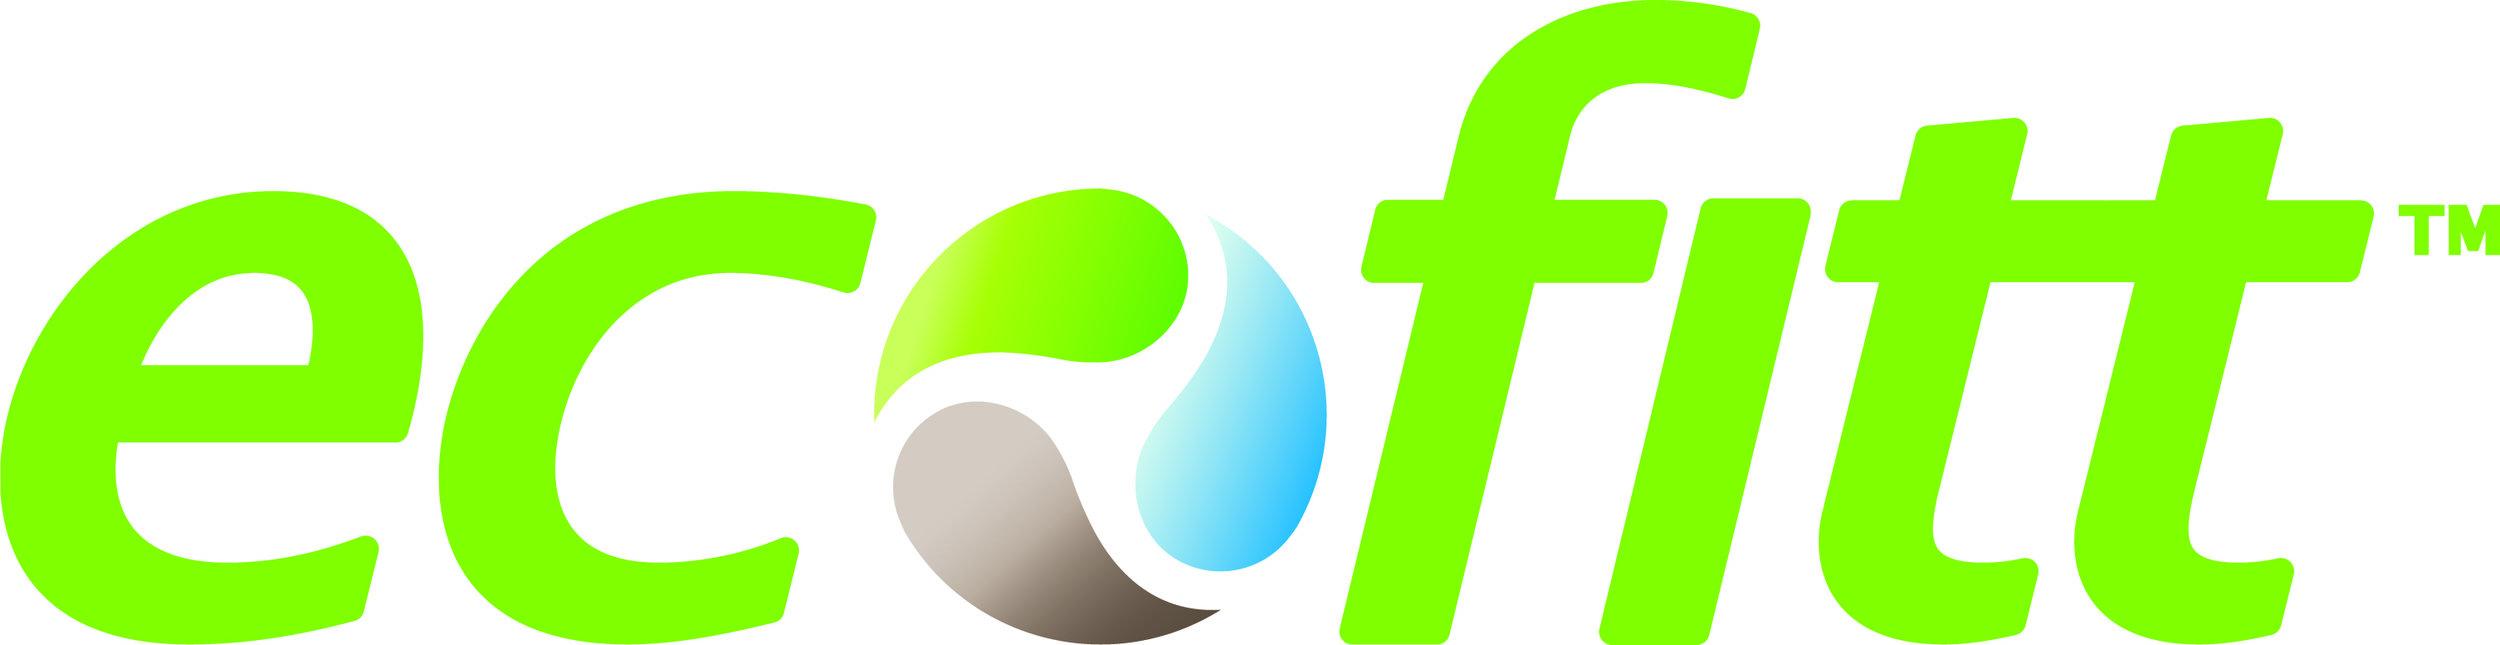 ecofitt_logo_TM_FINAL_CMYK.jpg